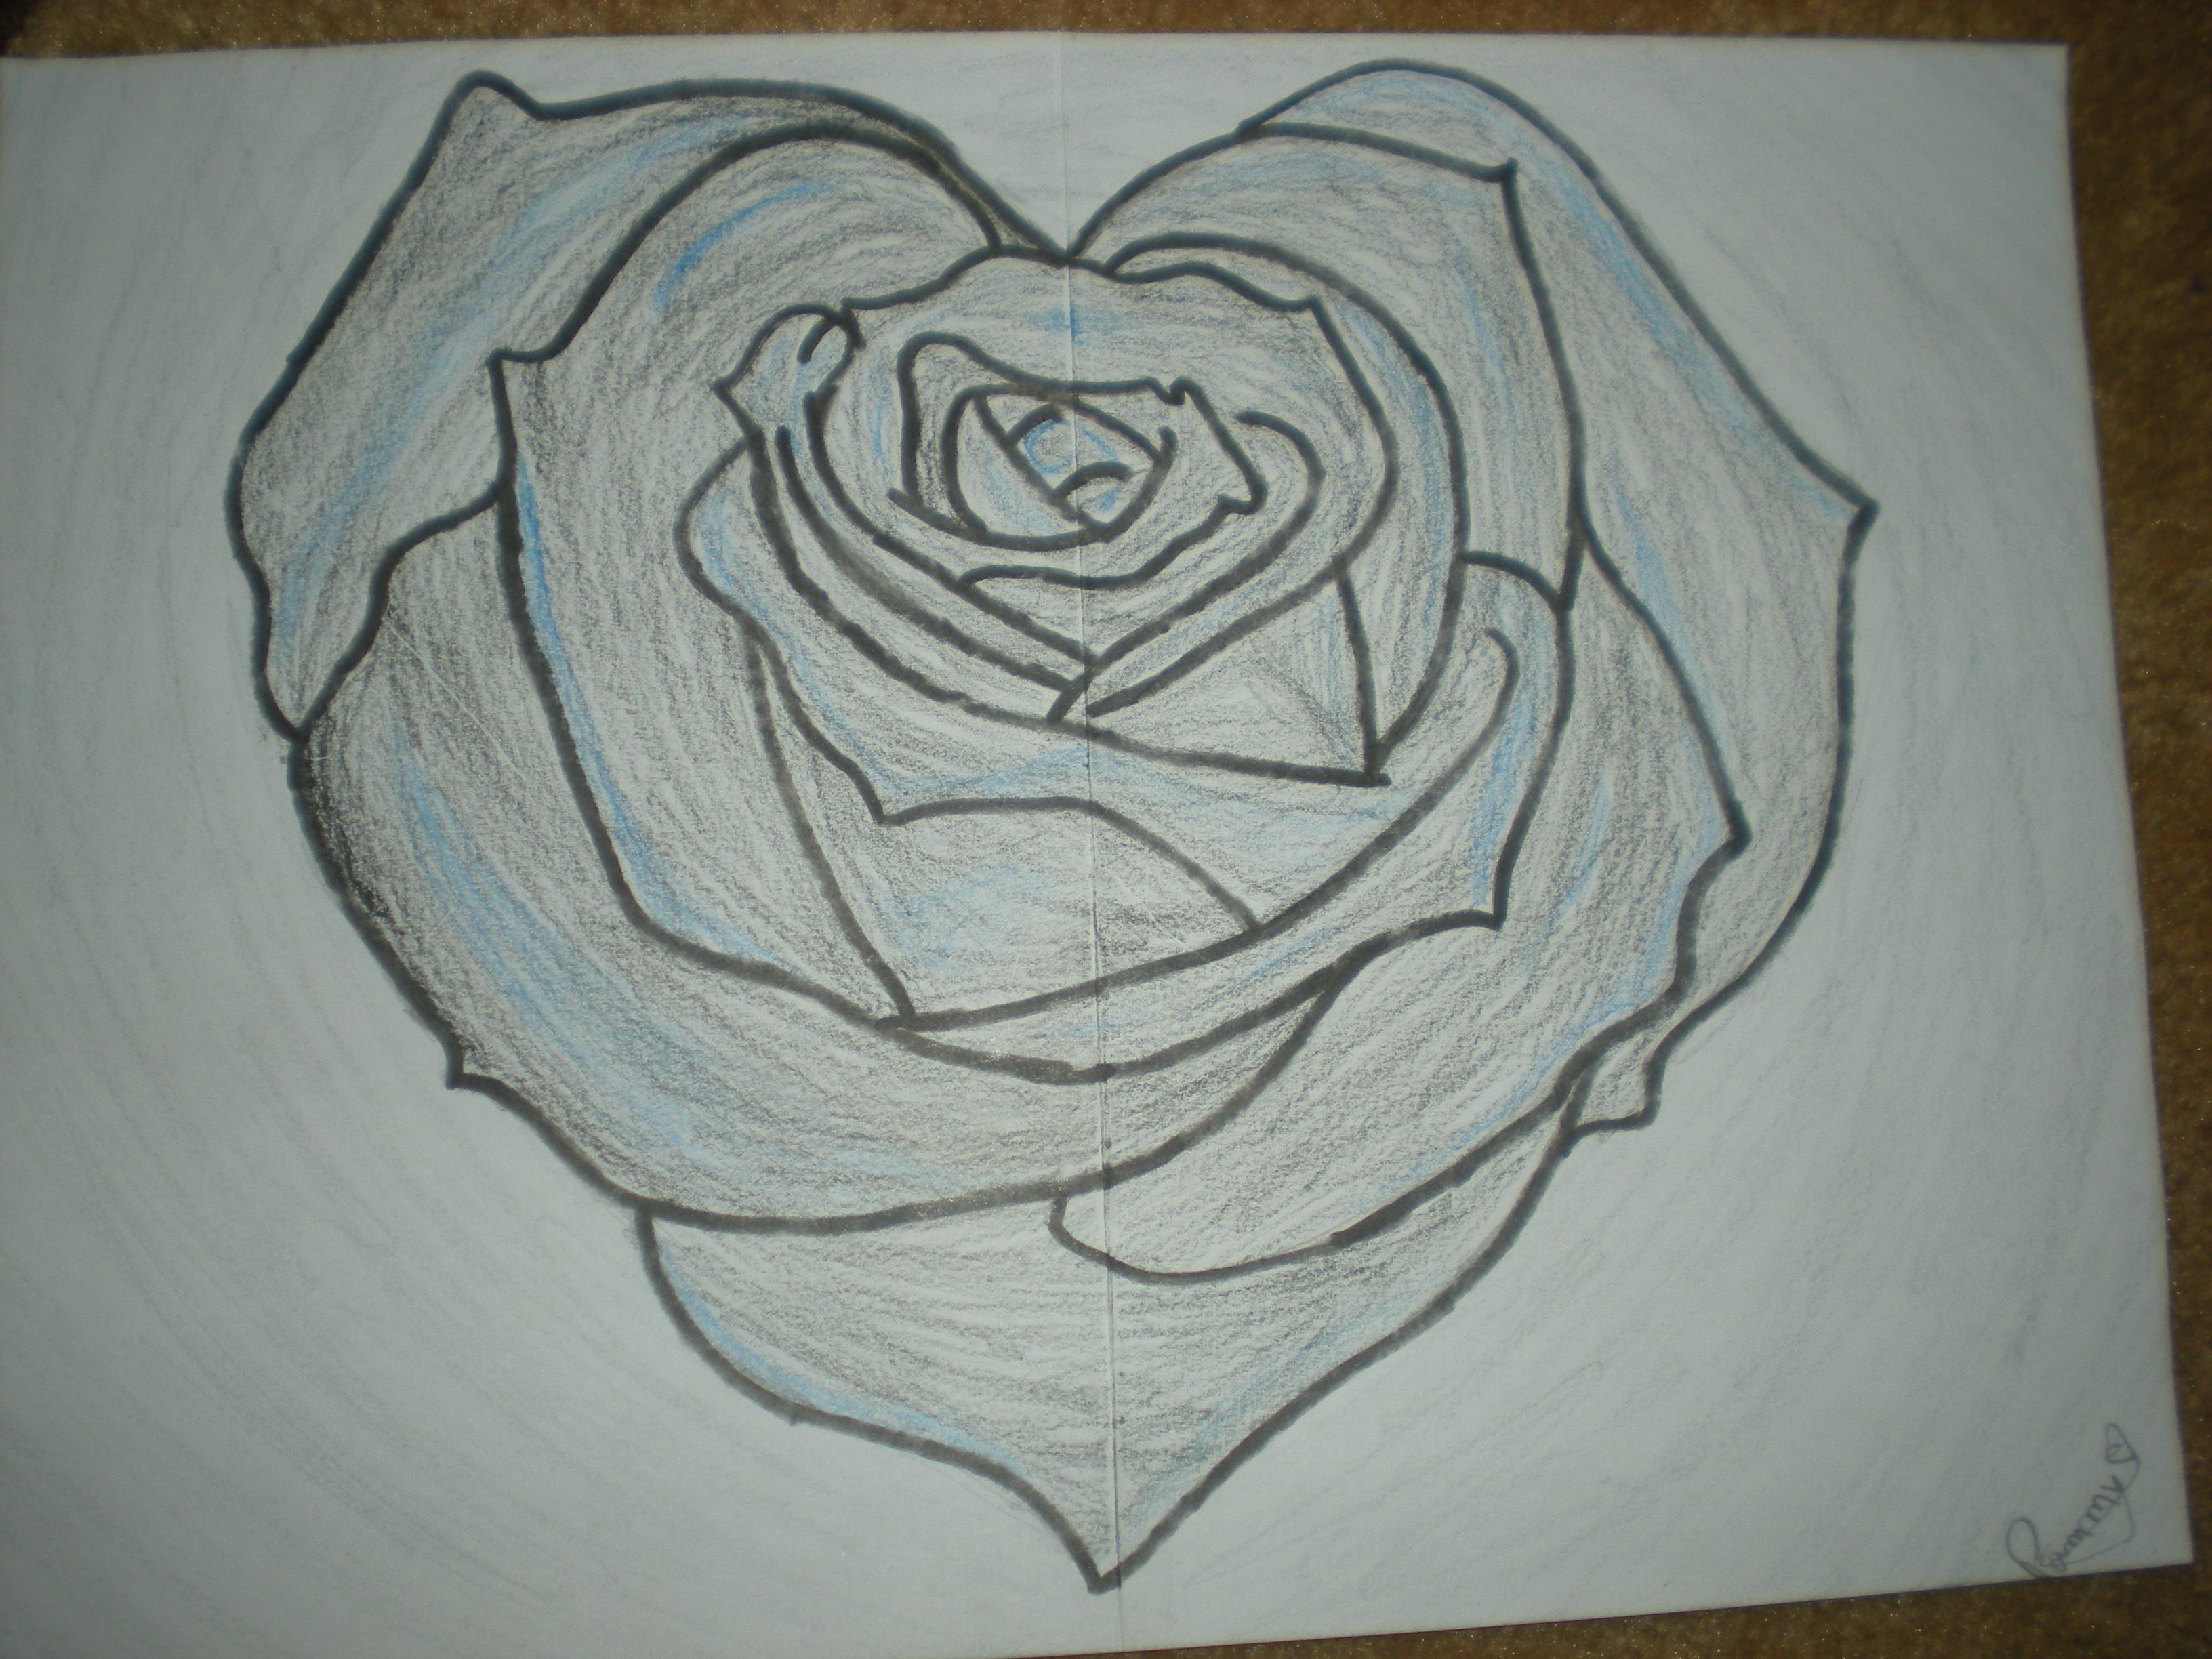 3264x2448 Rose Drawings